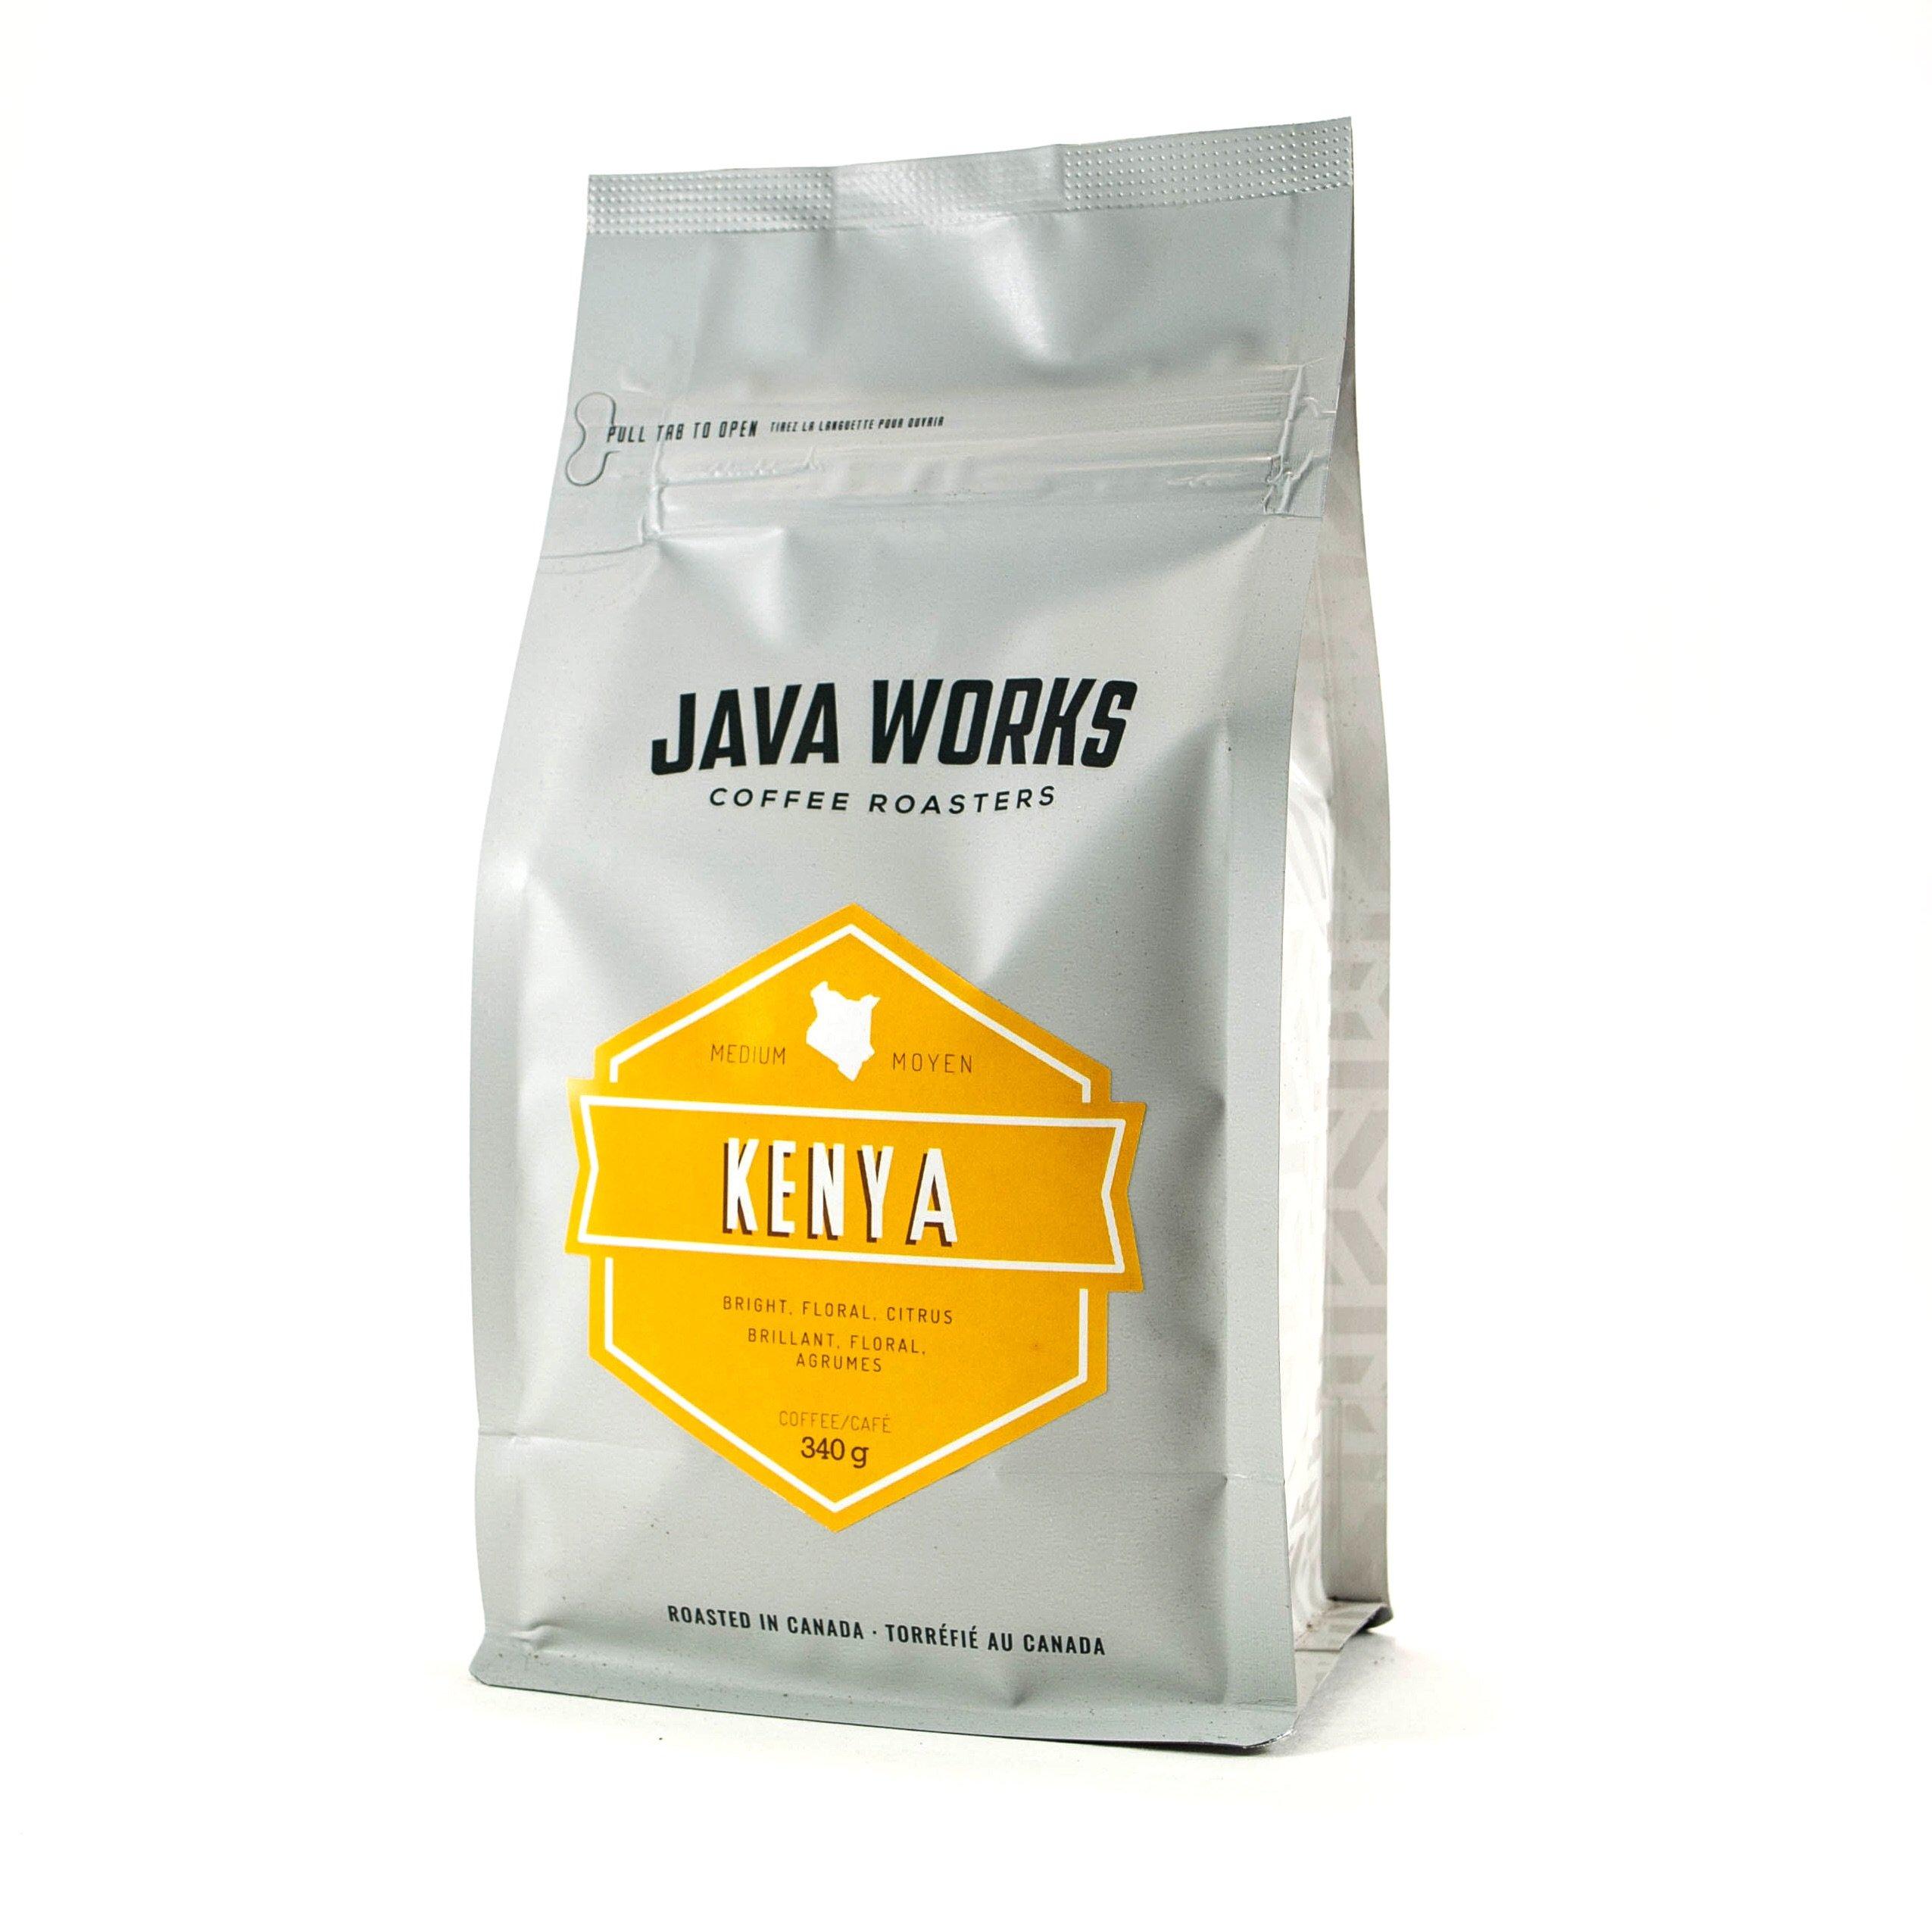 Java Works Kenya